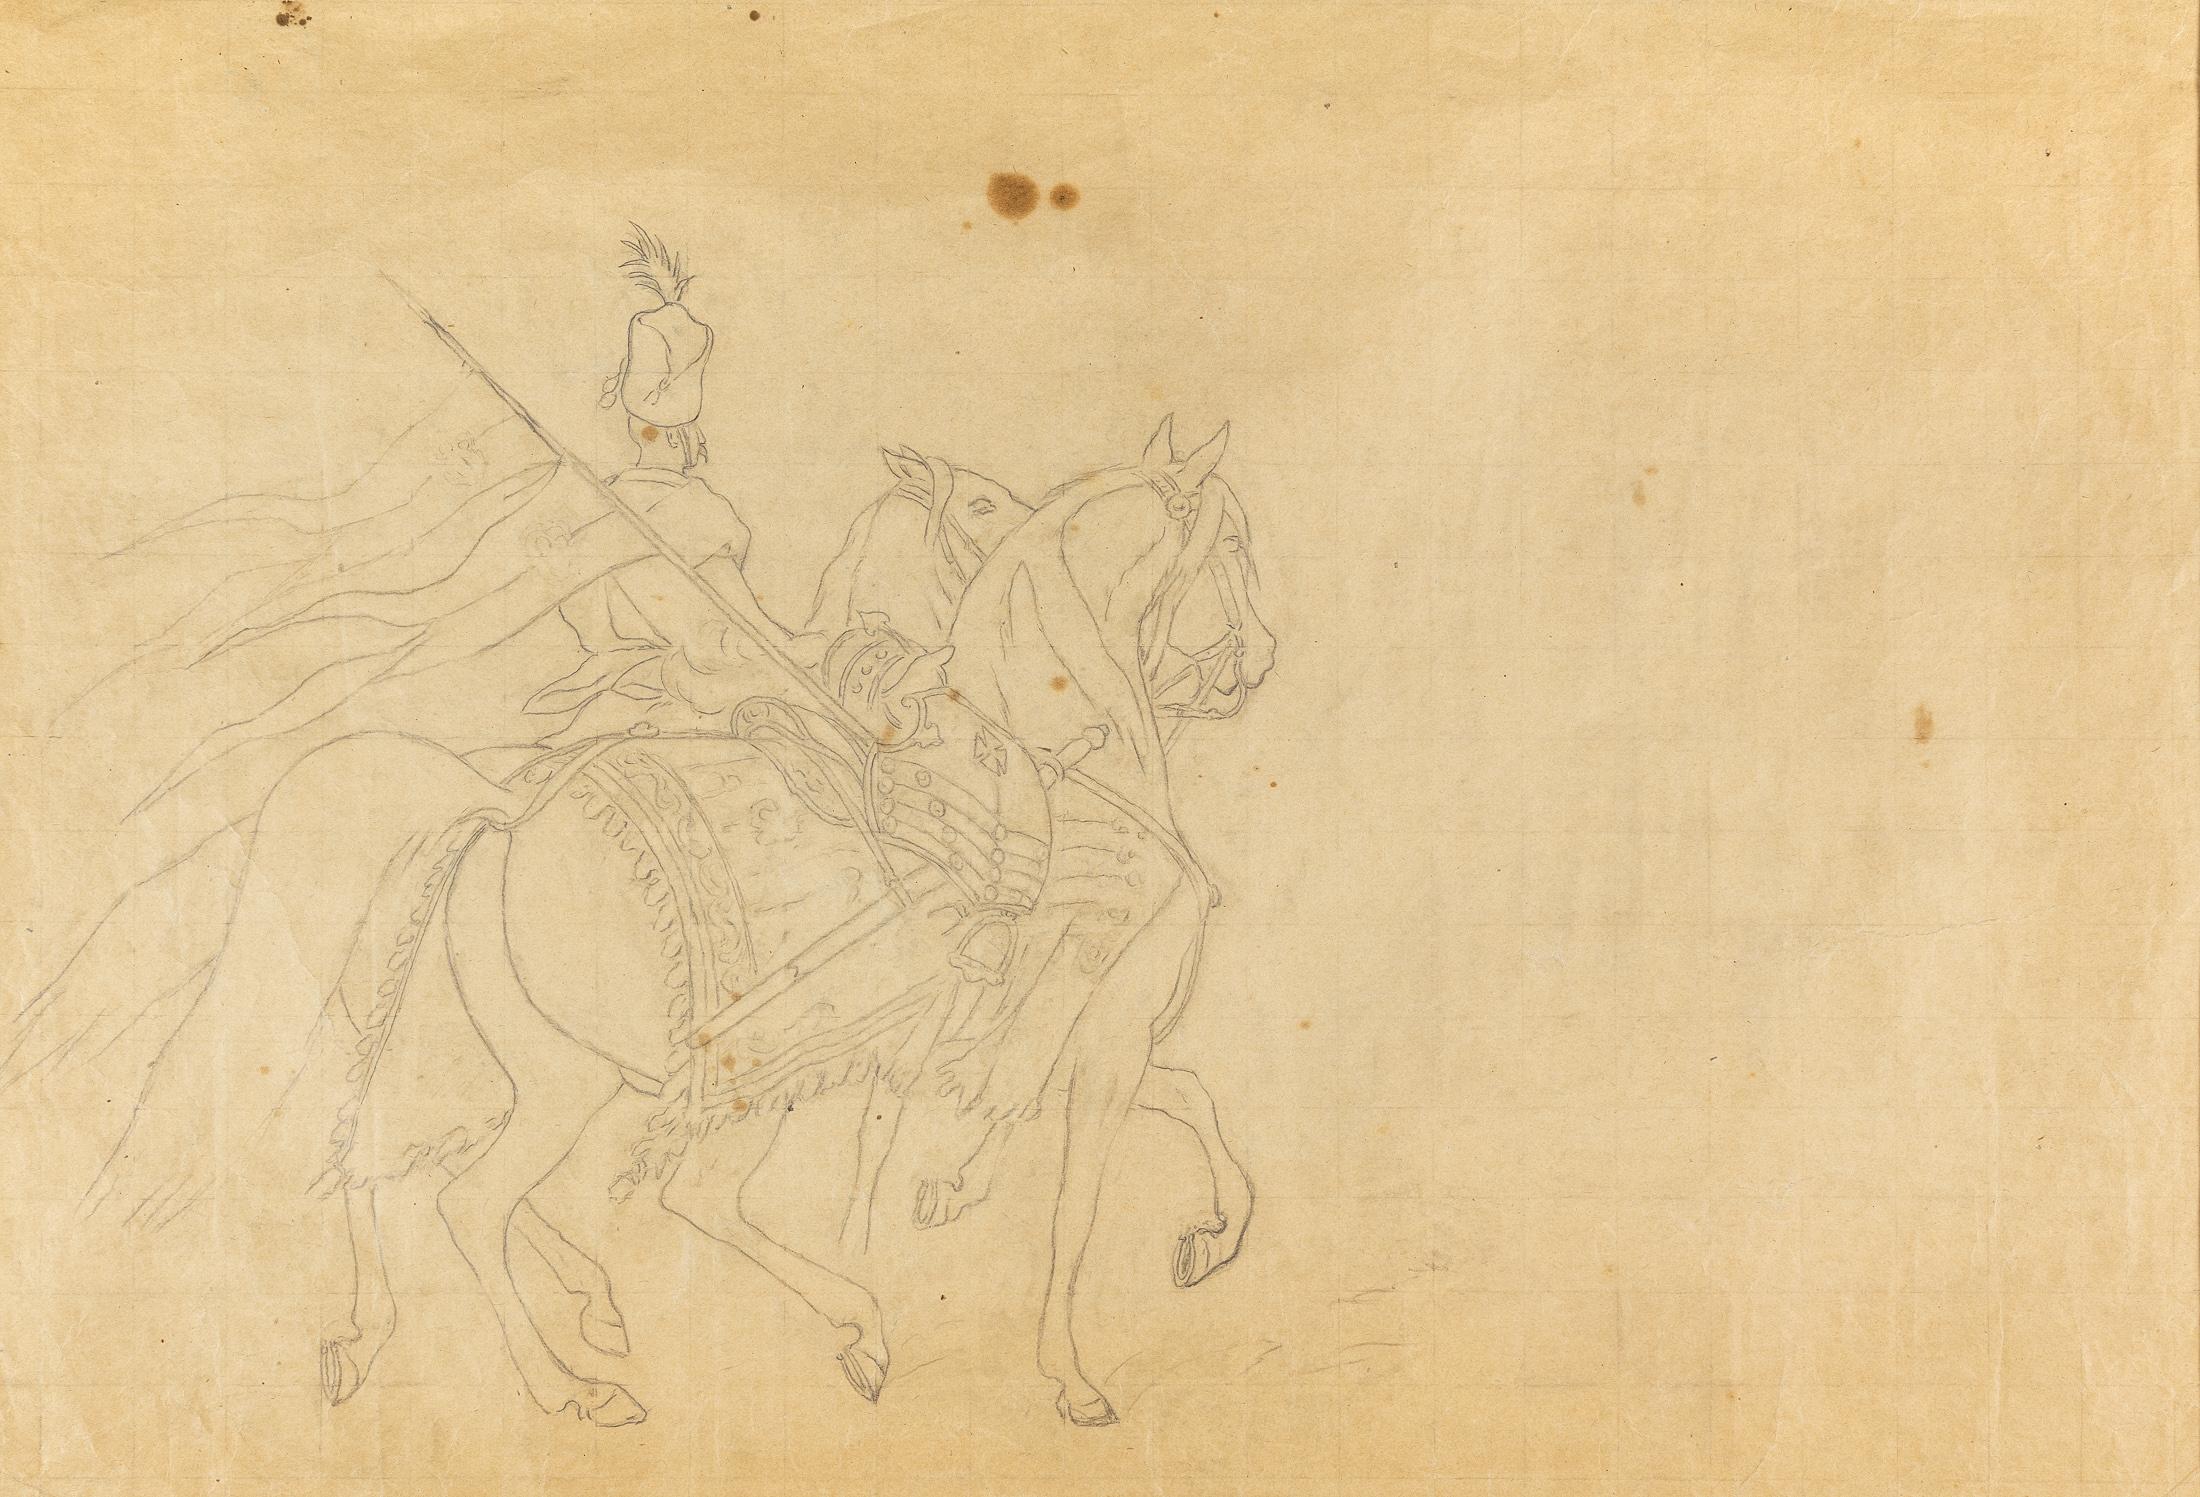 """Z rozkazu króla mam oddać tę zbroję i konia z rzędem, z cyklu """"Mohort"""" W. Pola (fragment kompozycji), 1882"""